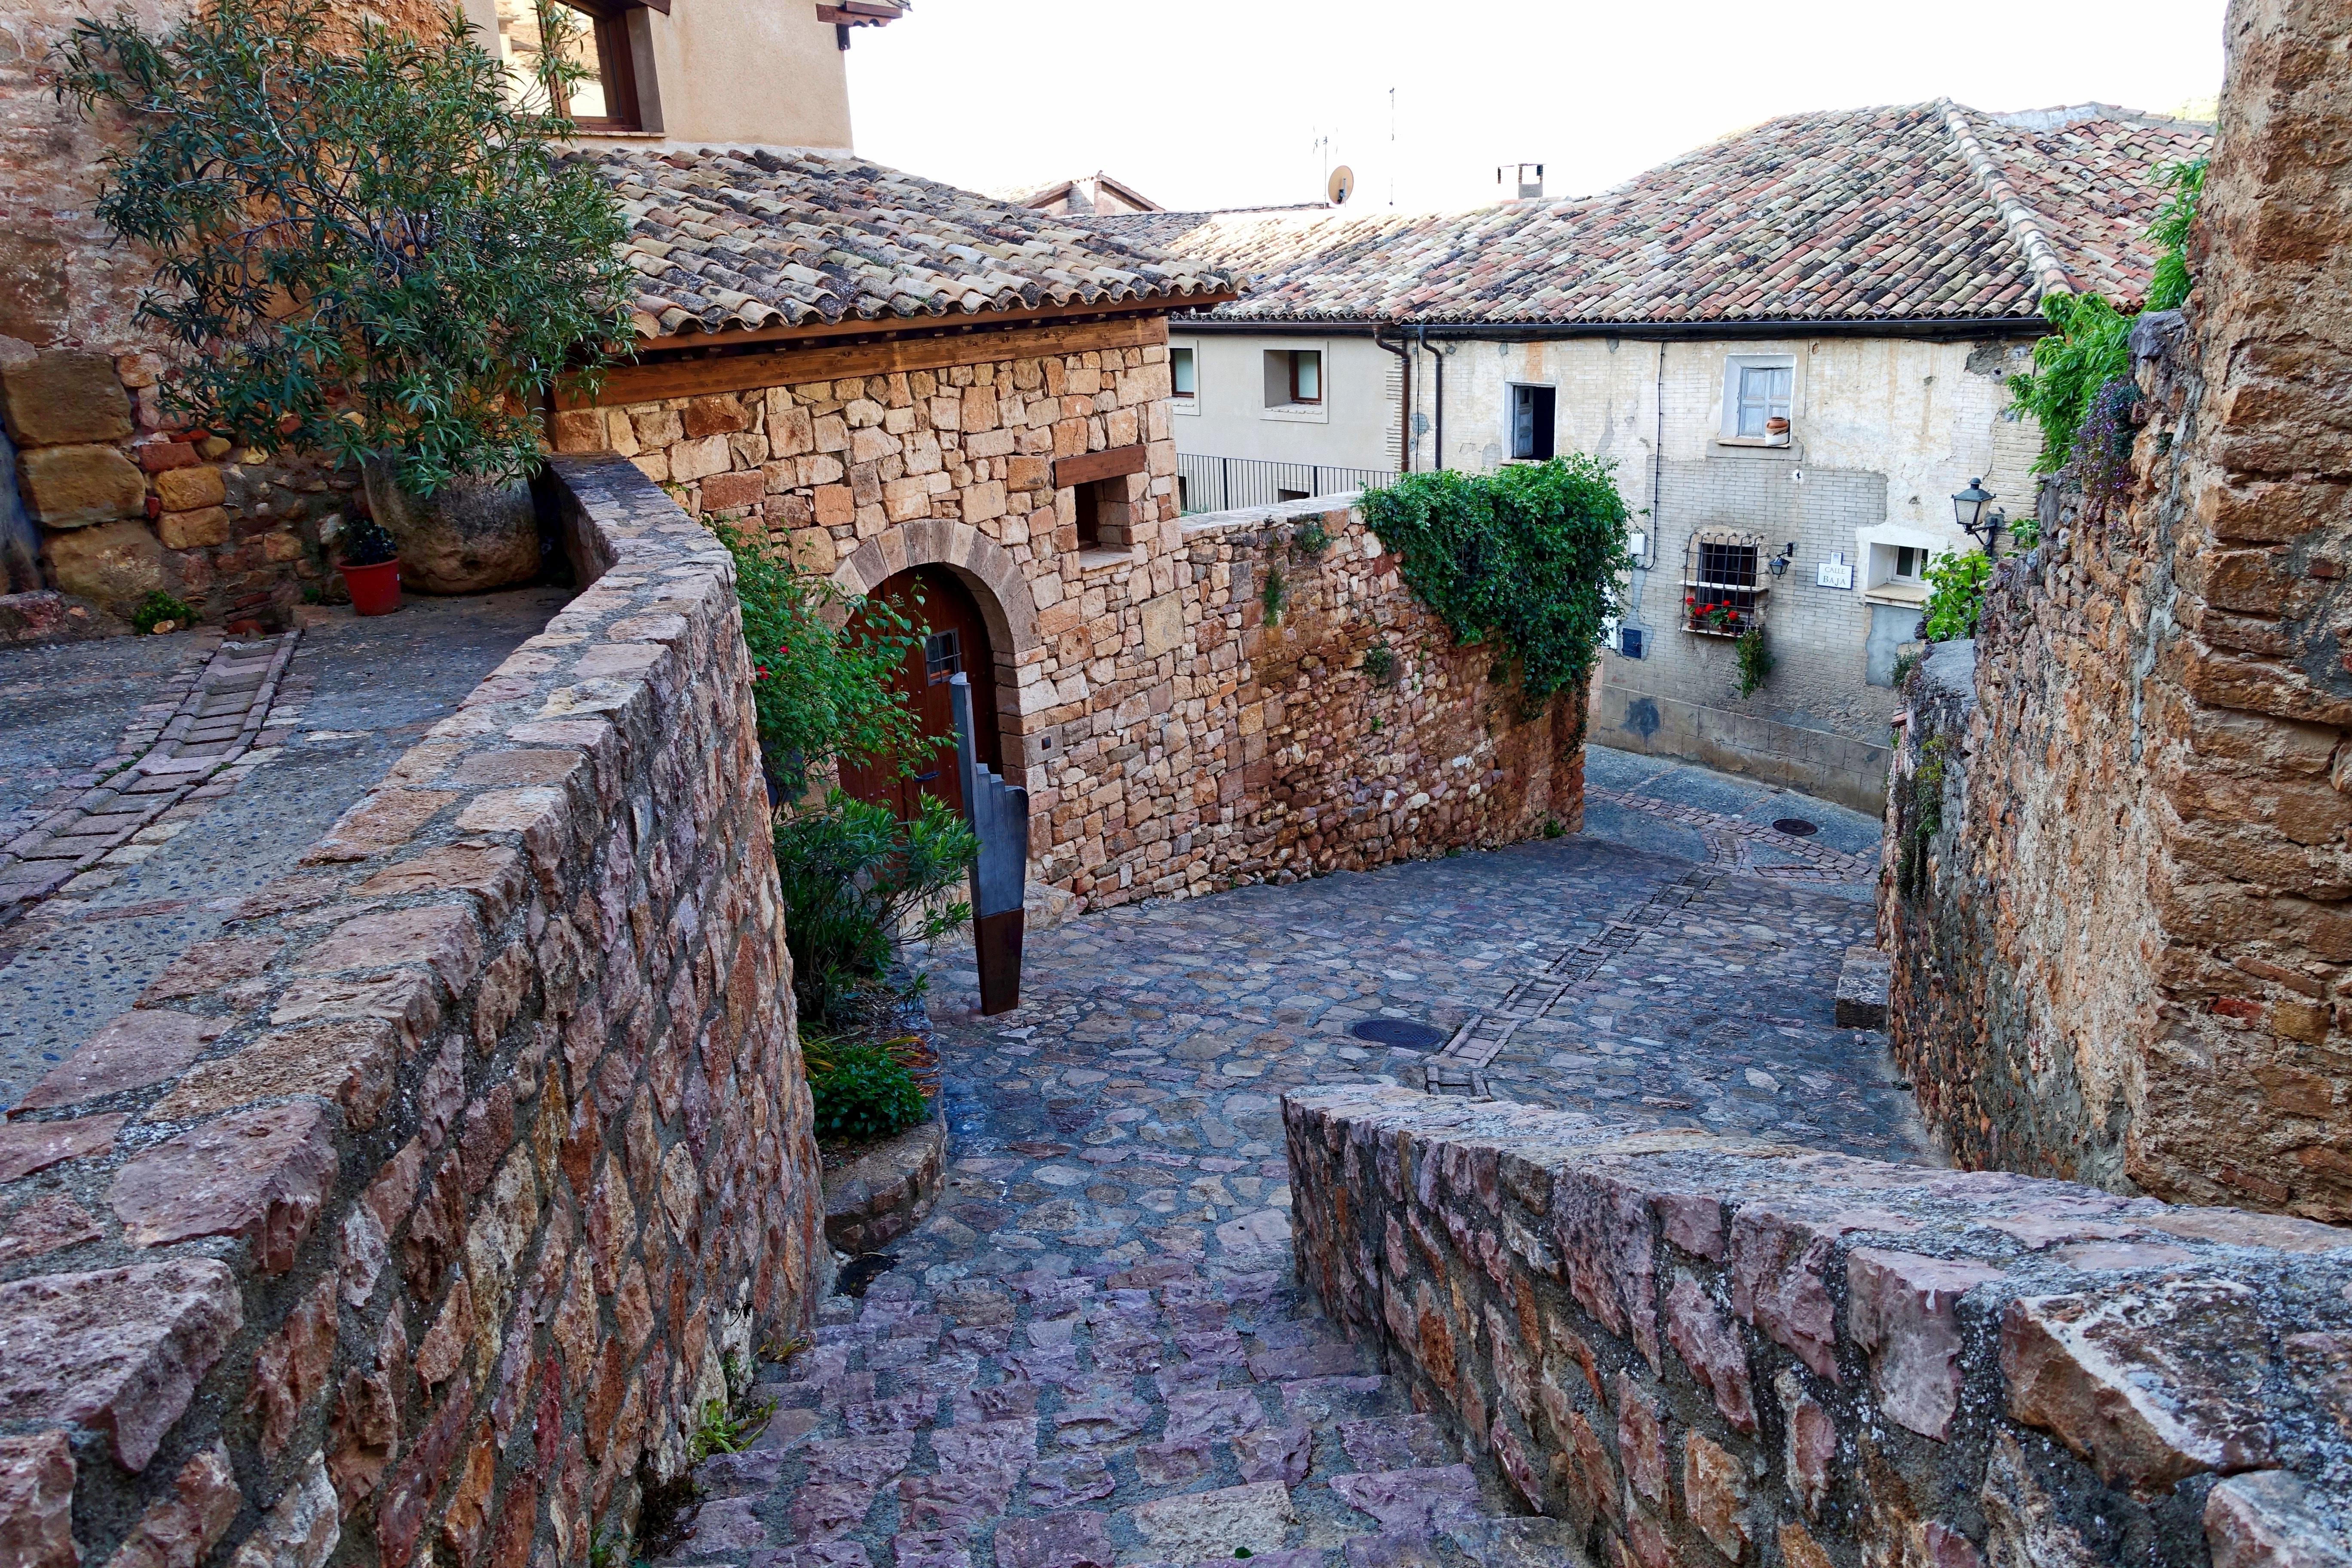 Parete Dacqua In Casa : Immagini belle sentiero casa cittadina vecchio vicolo